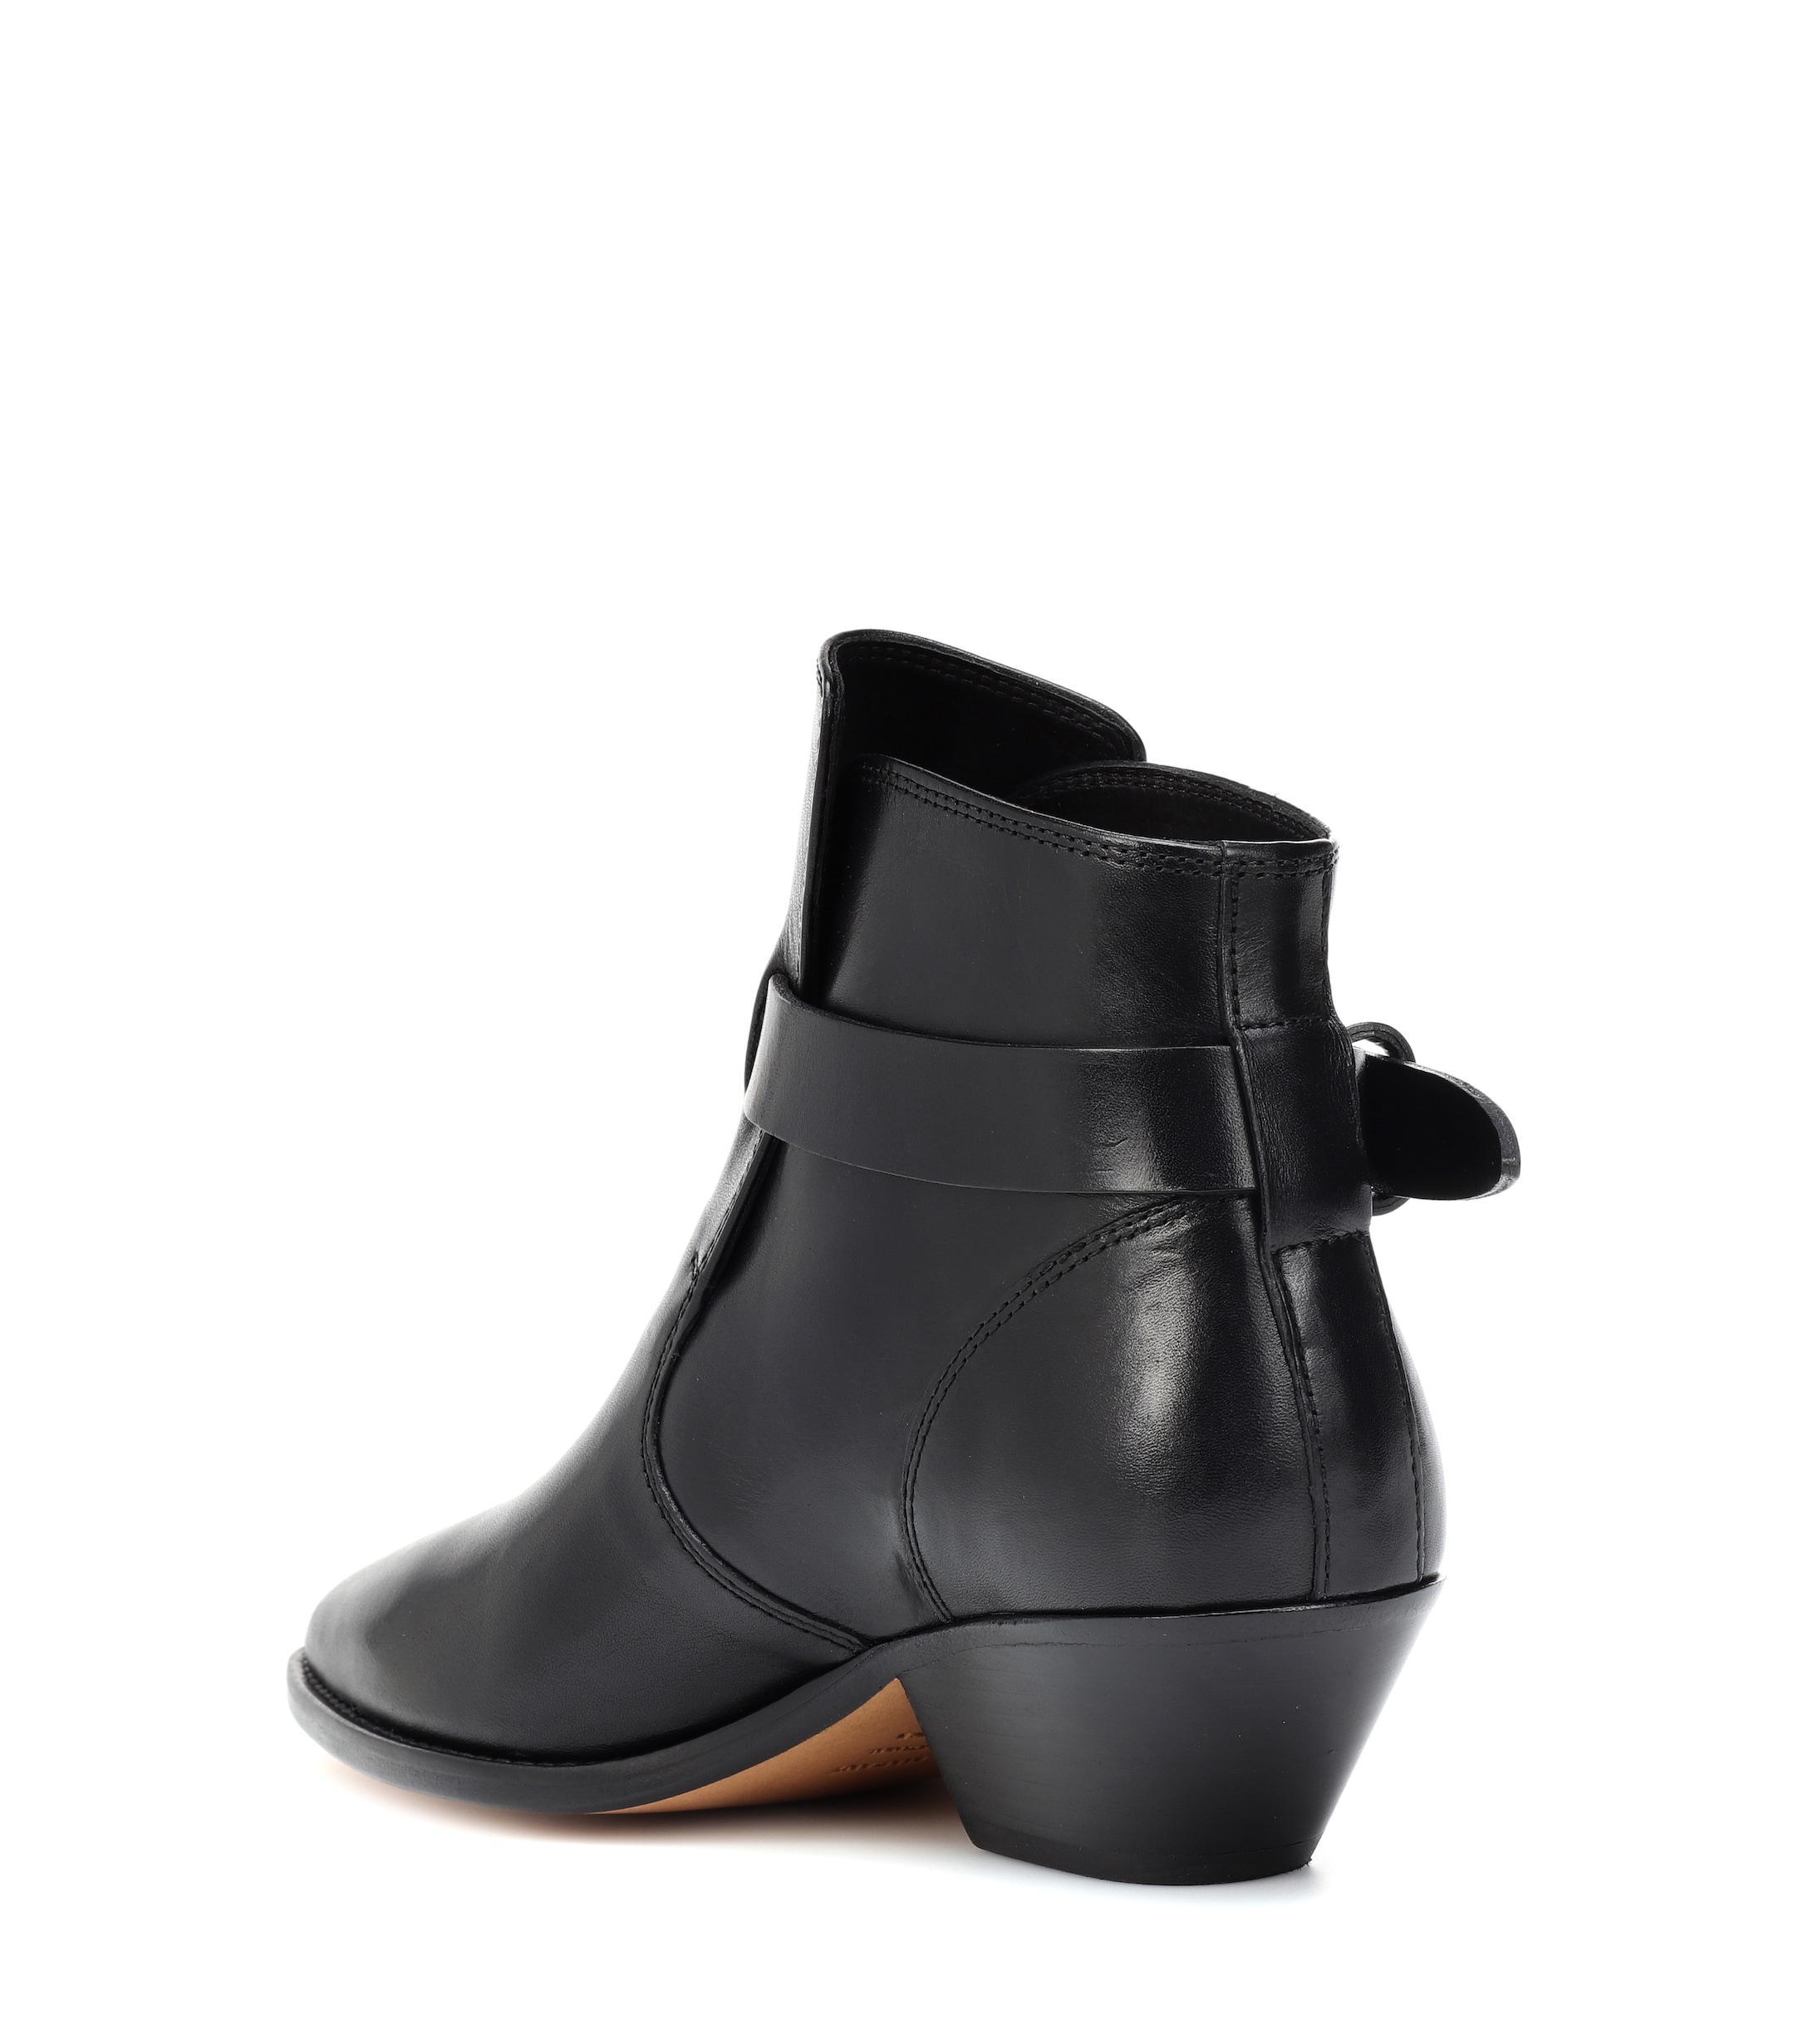 Botines de piel Santiag Isabel Marant de Cuero de color Negro